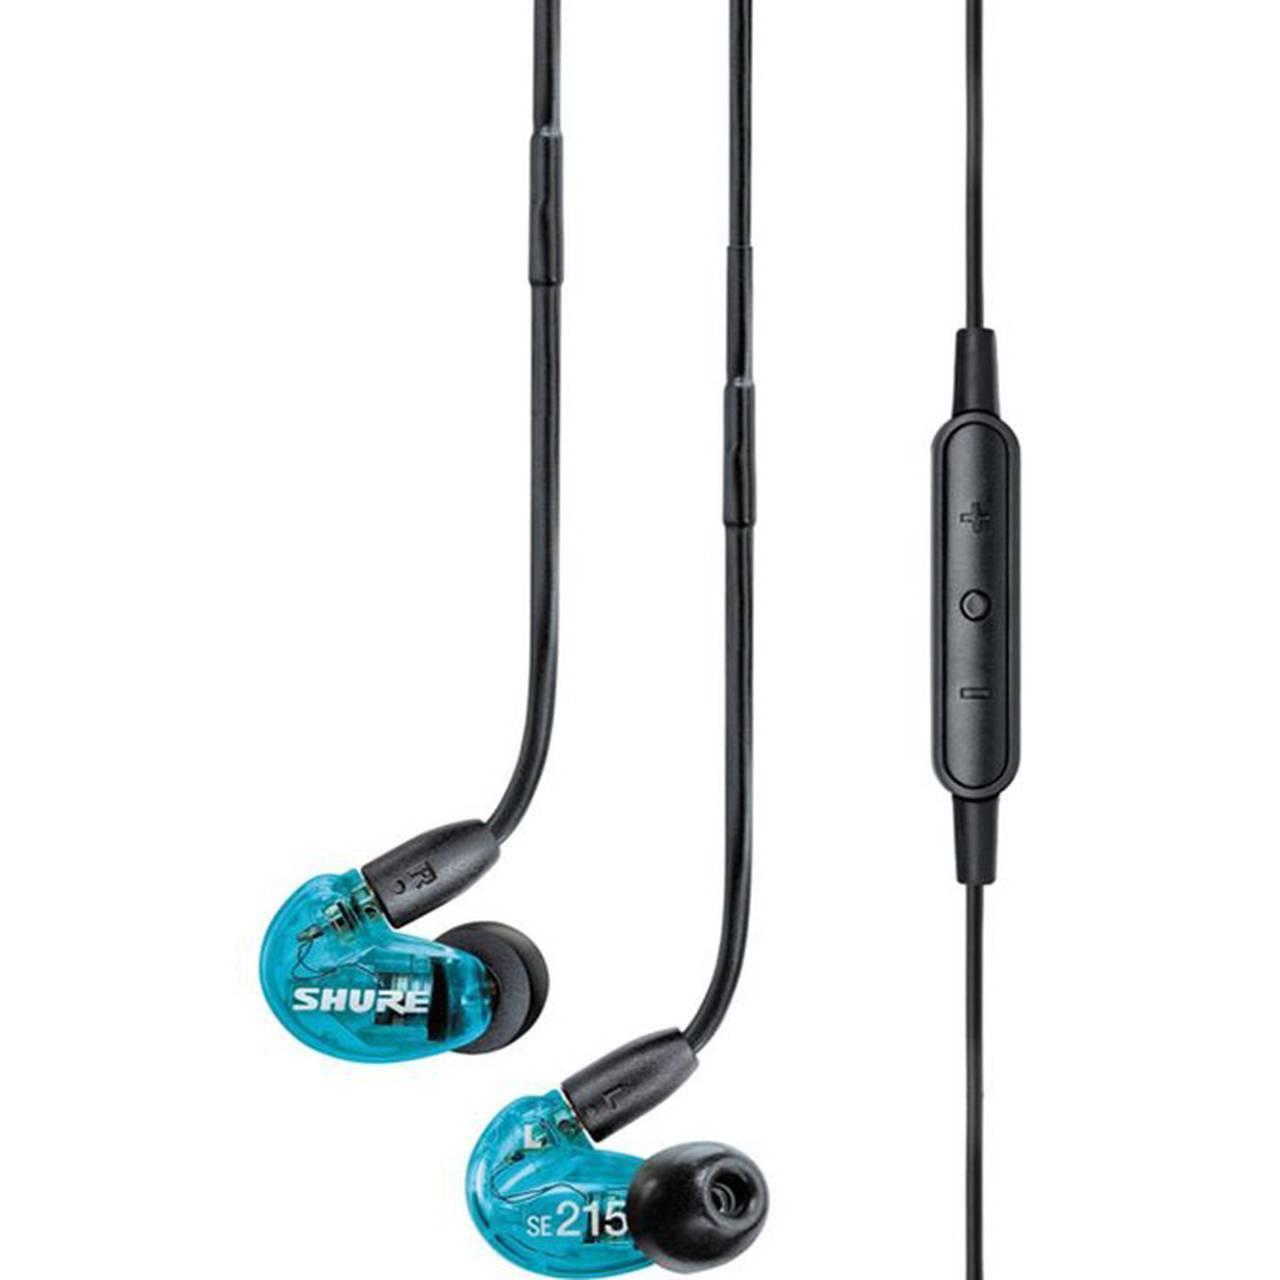 Auriculares negros con cable /control remoto / micrófono, compatible con dispositivos Apple y Android.